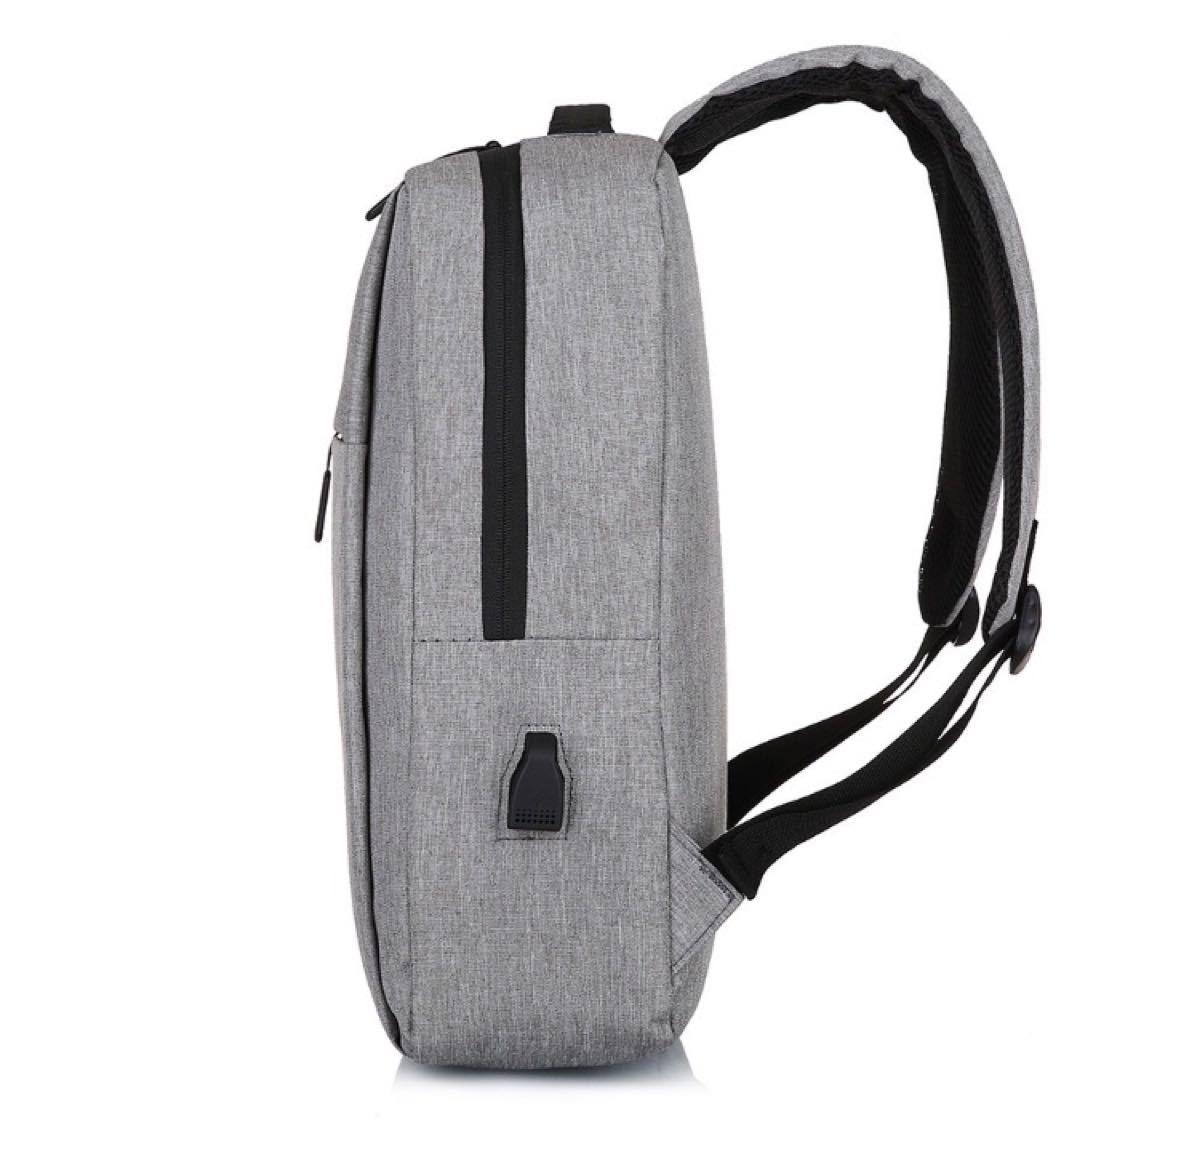 ビジネスバック リュック 大容量 メンズ USBバック PCカバン 通学  USBポート リュック ビジネスリュック バックパック